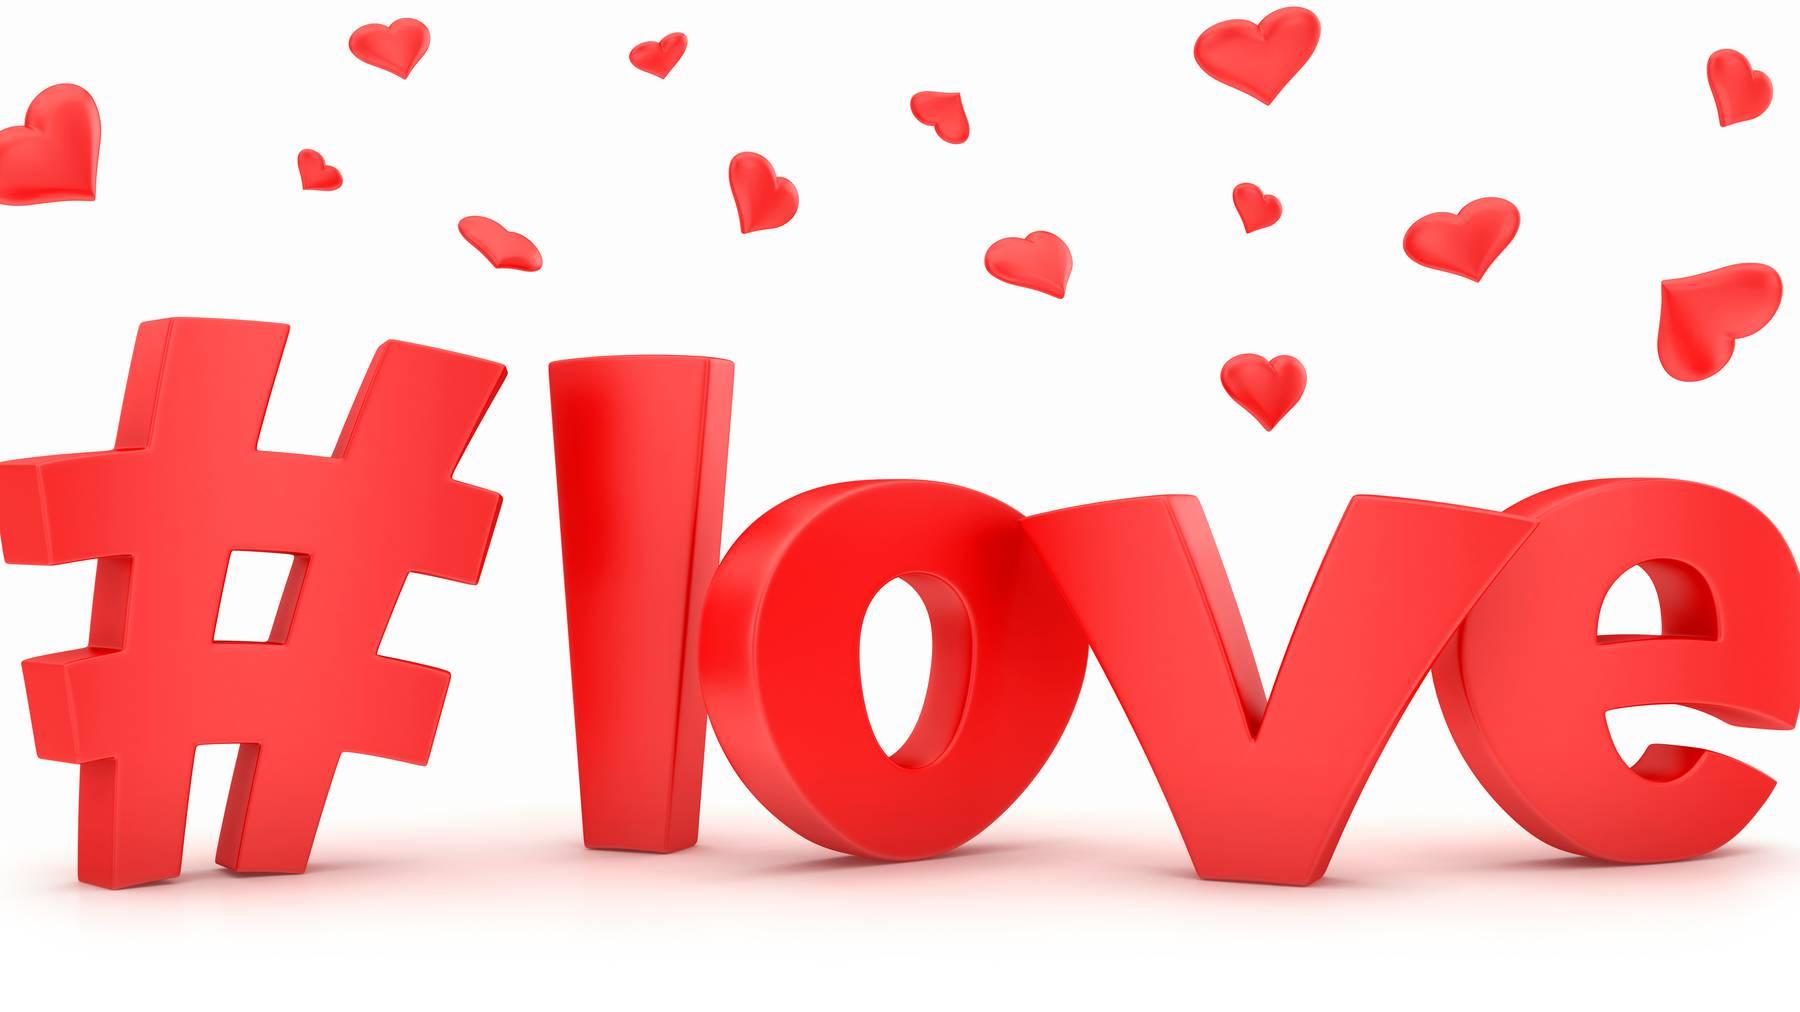 Unter rund 1,9 Milliarden Posts auf Instagram steht der #Love.